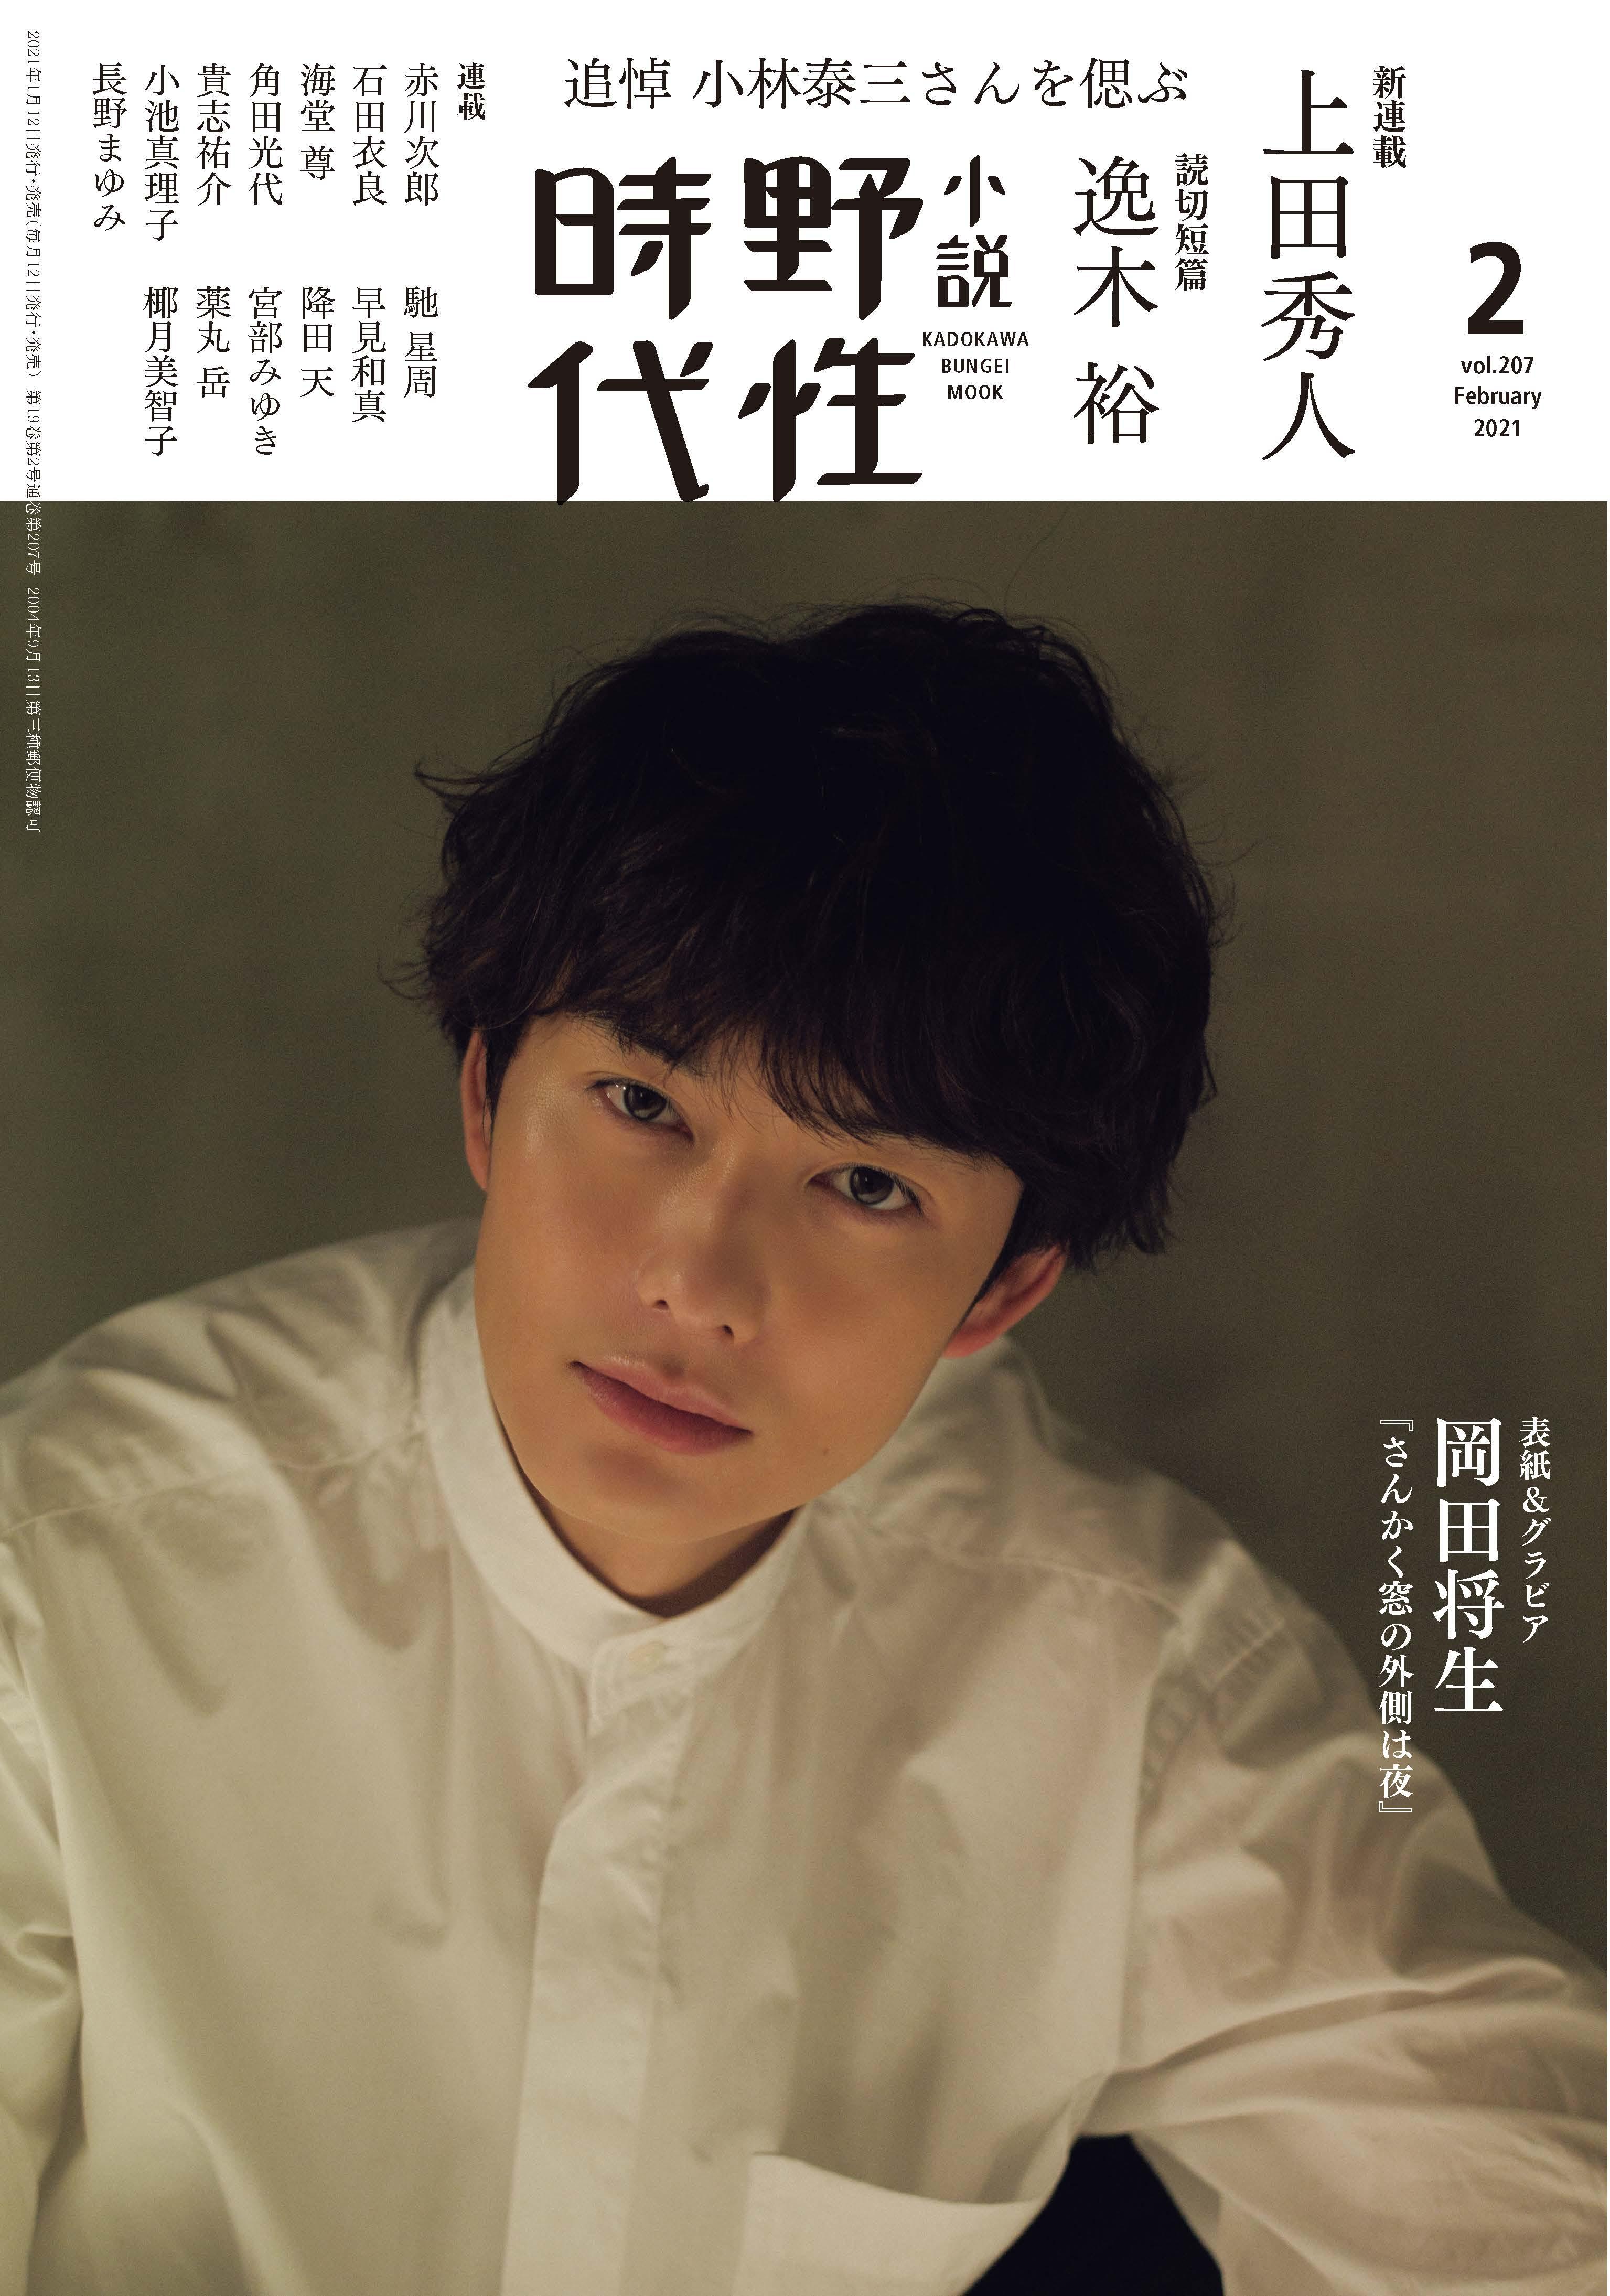 小説 野性時代 第207号 2021年2月号 880円